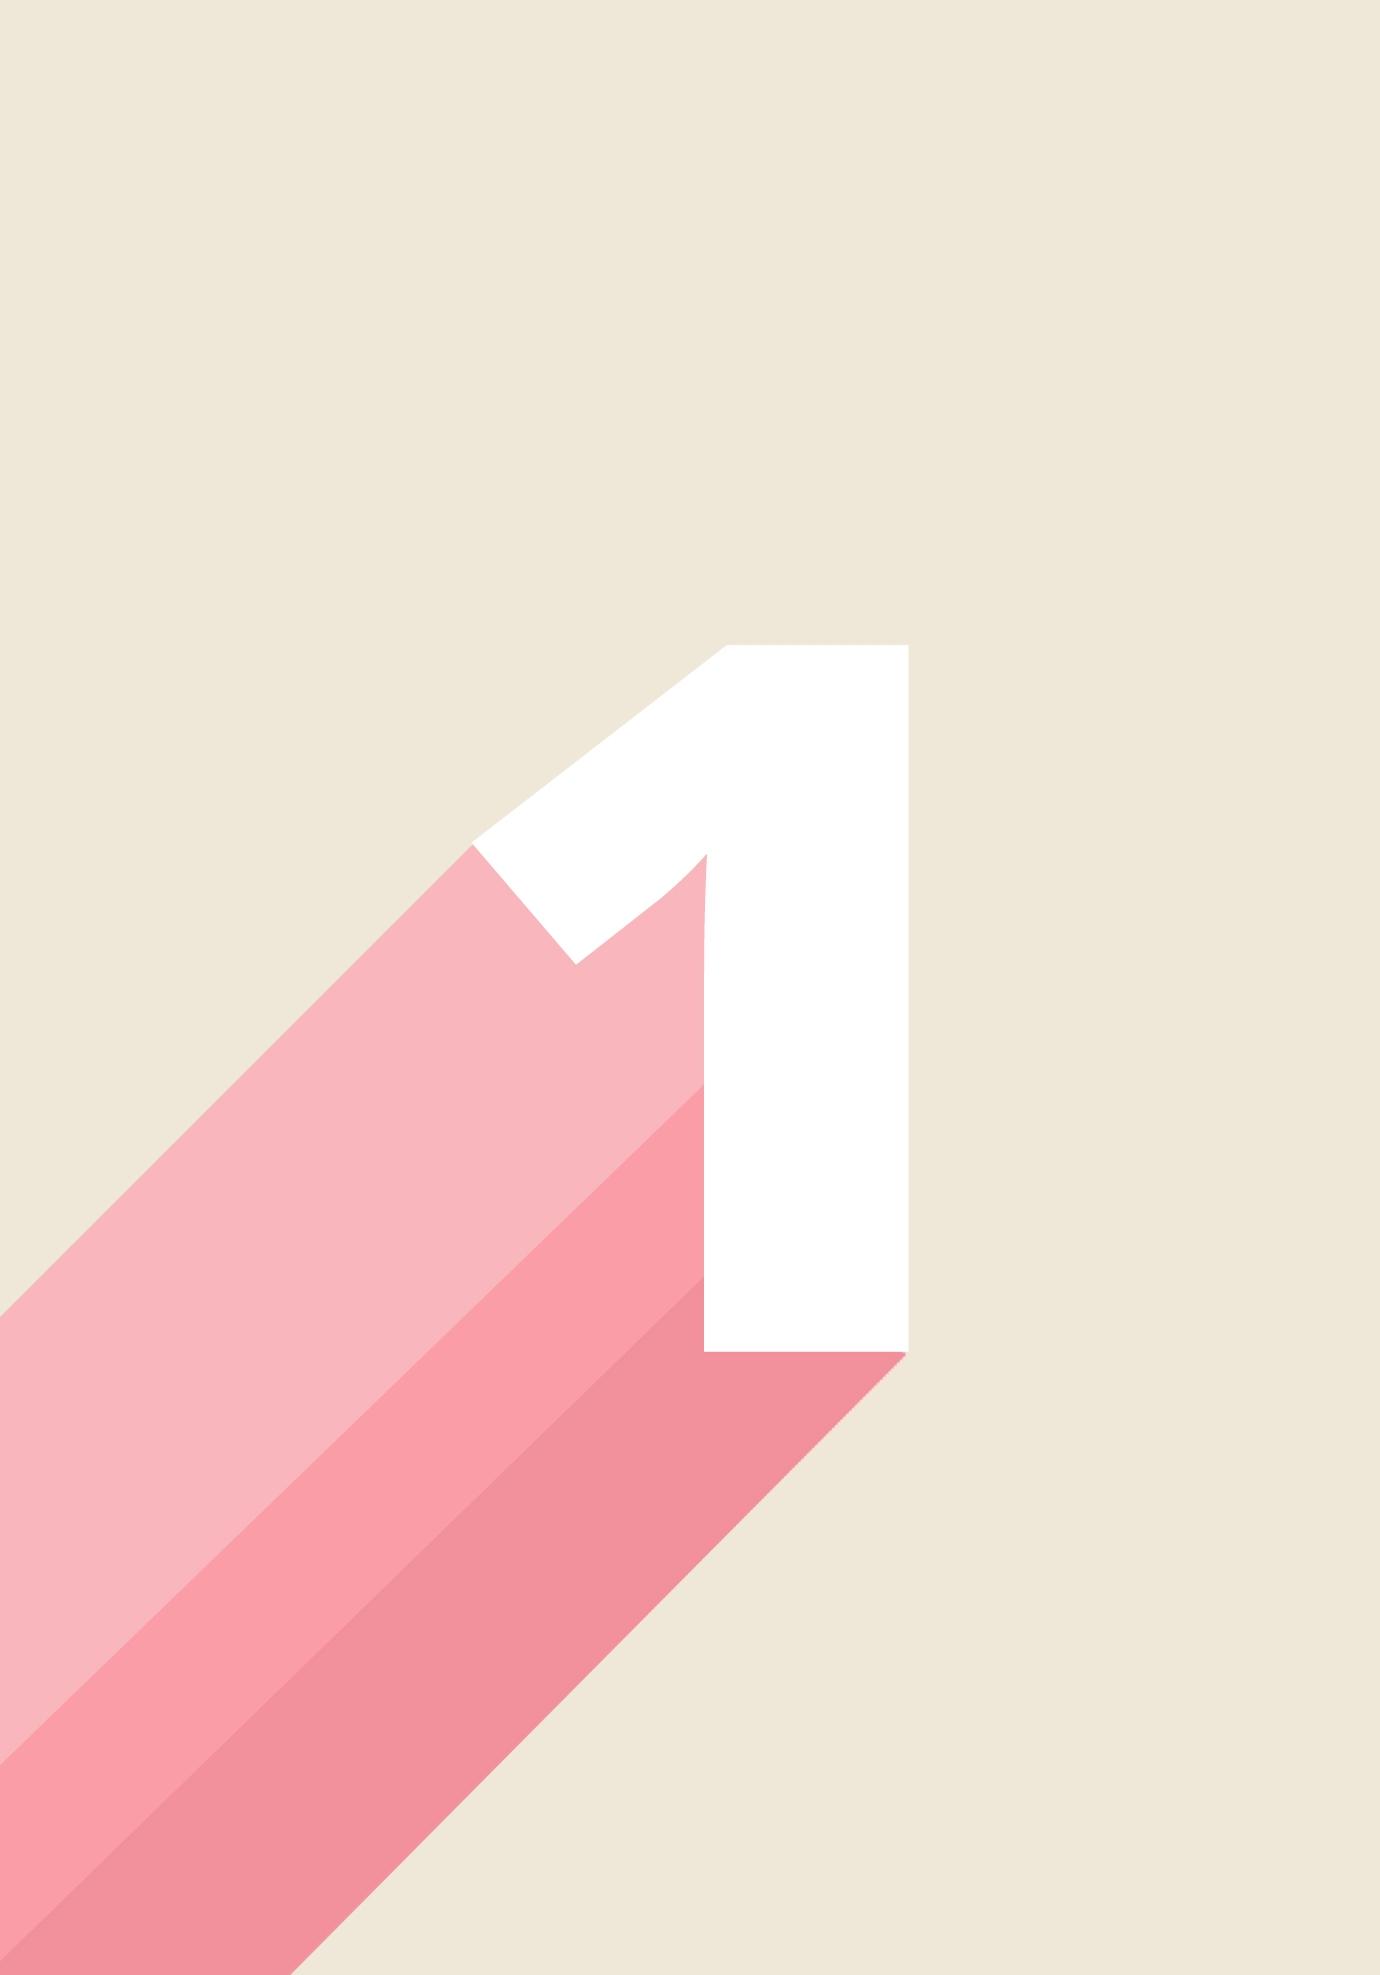 #1 graphic design